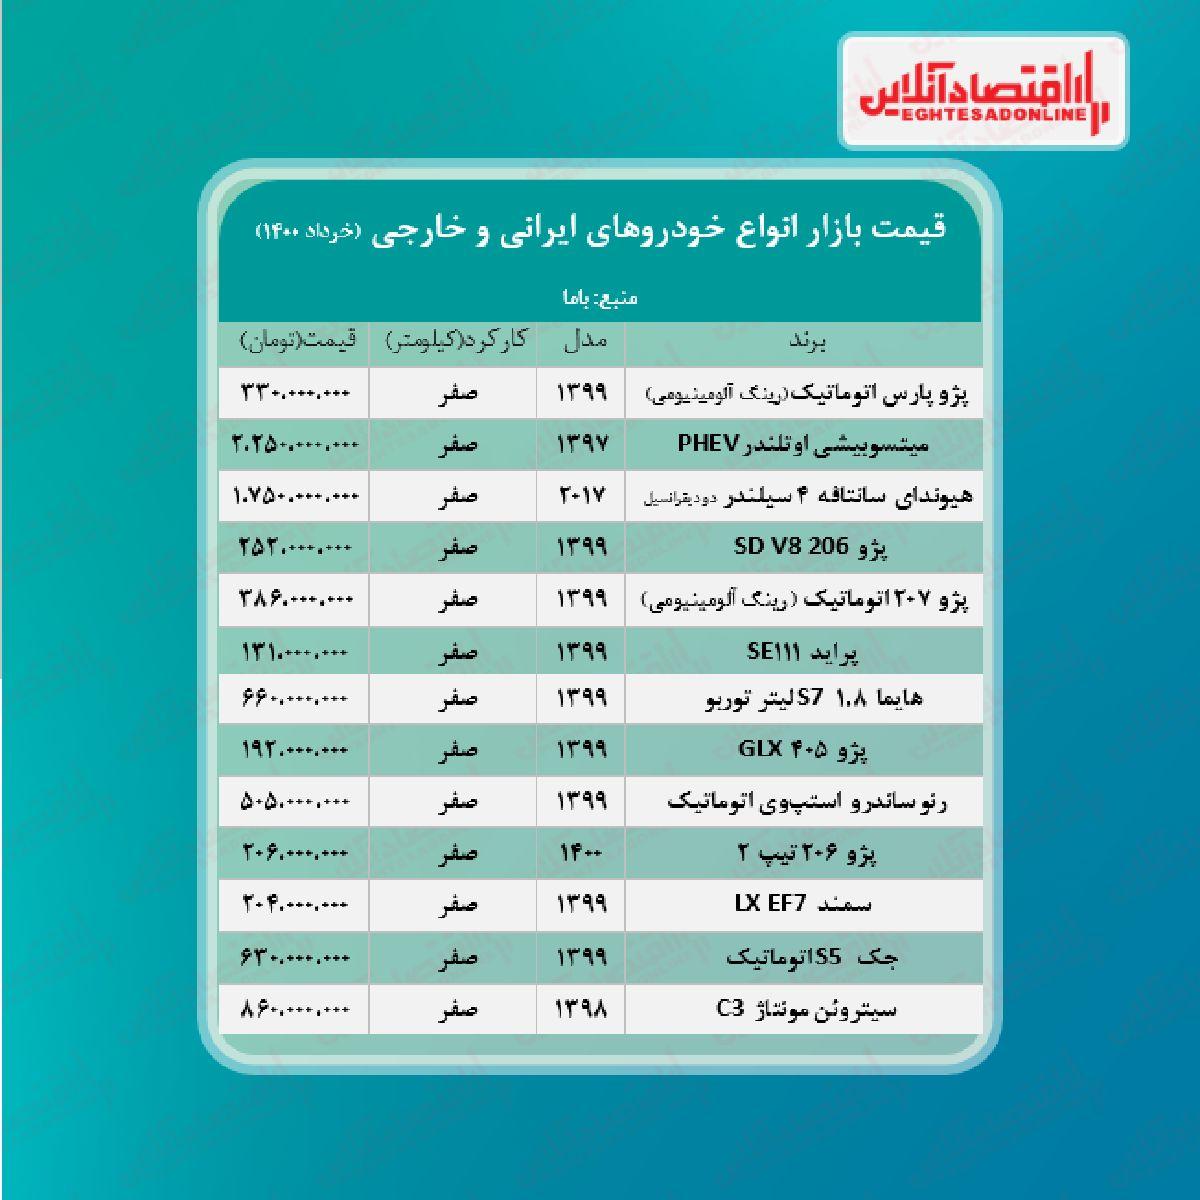 قیمت خودرو امروز ۱۴۰۰/۳/۱۱